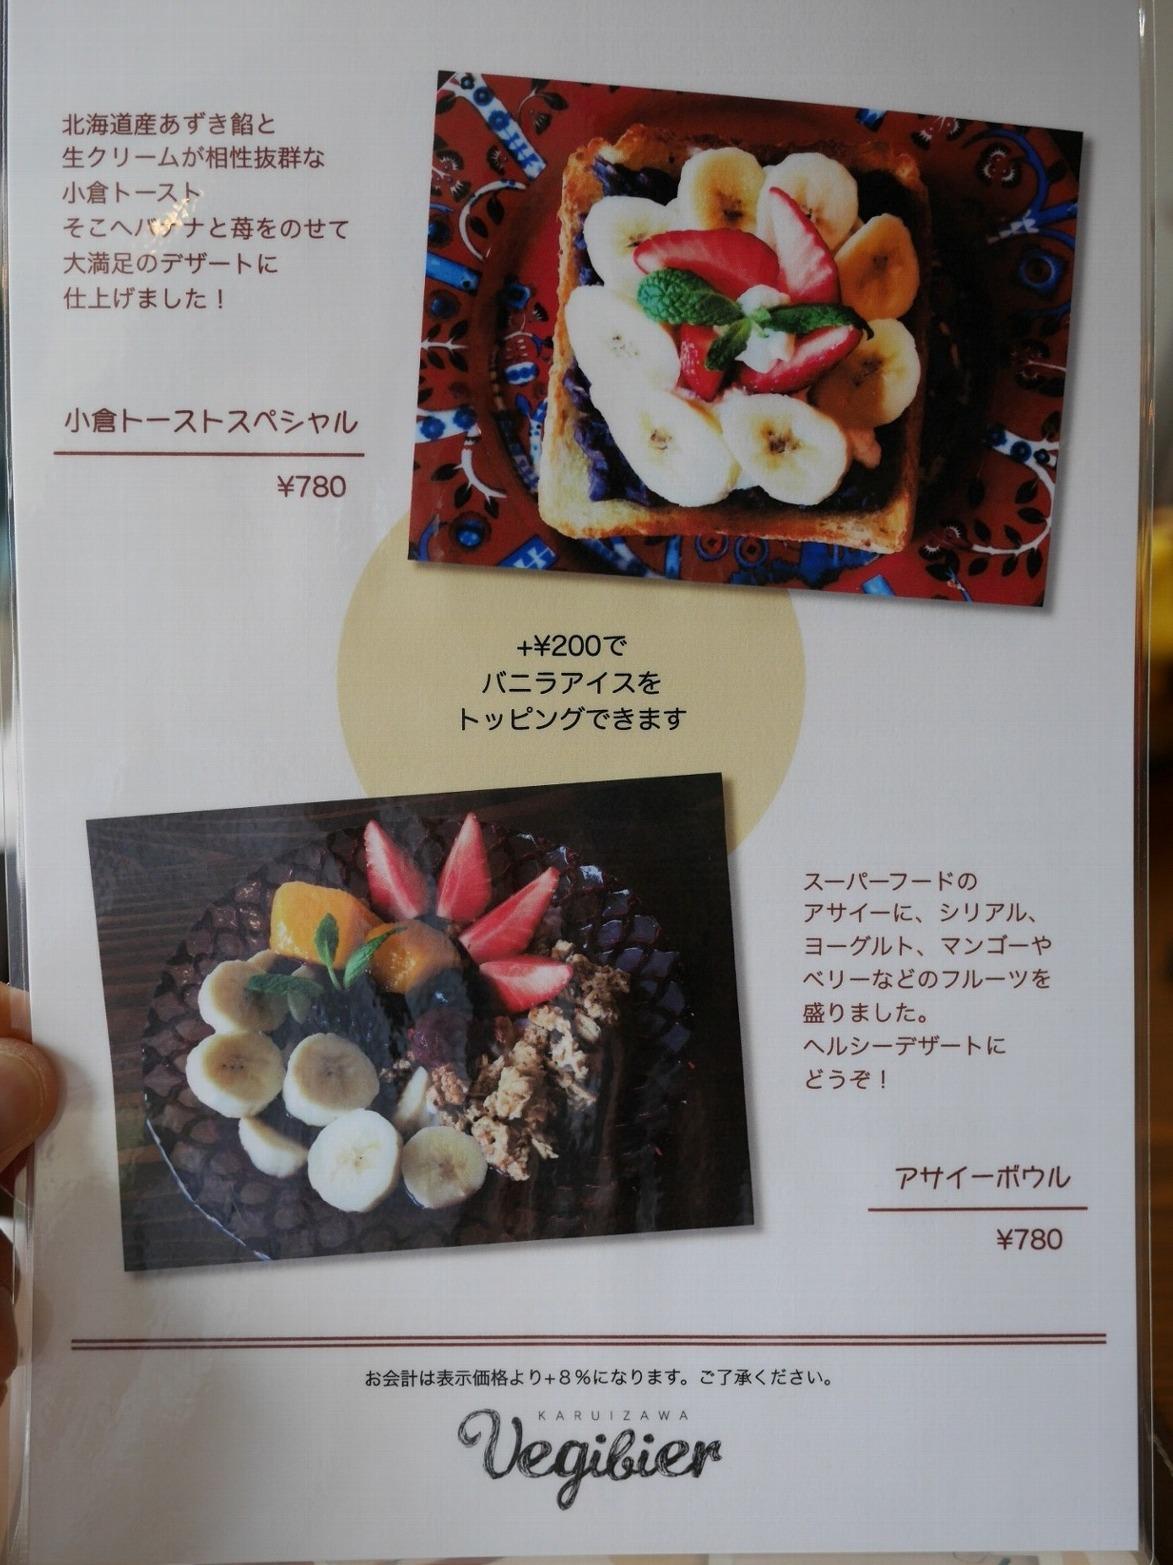 軽井沢ベジビエ